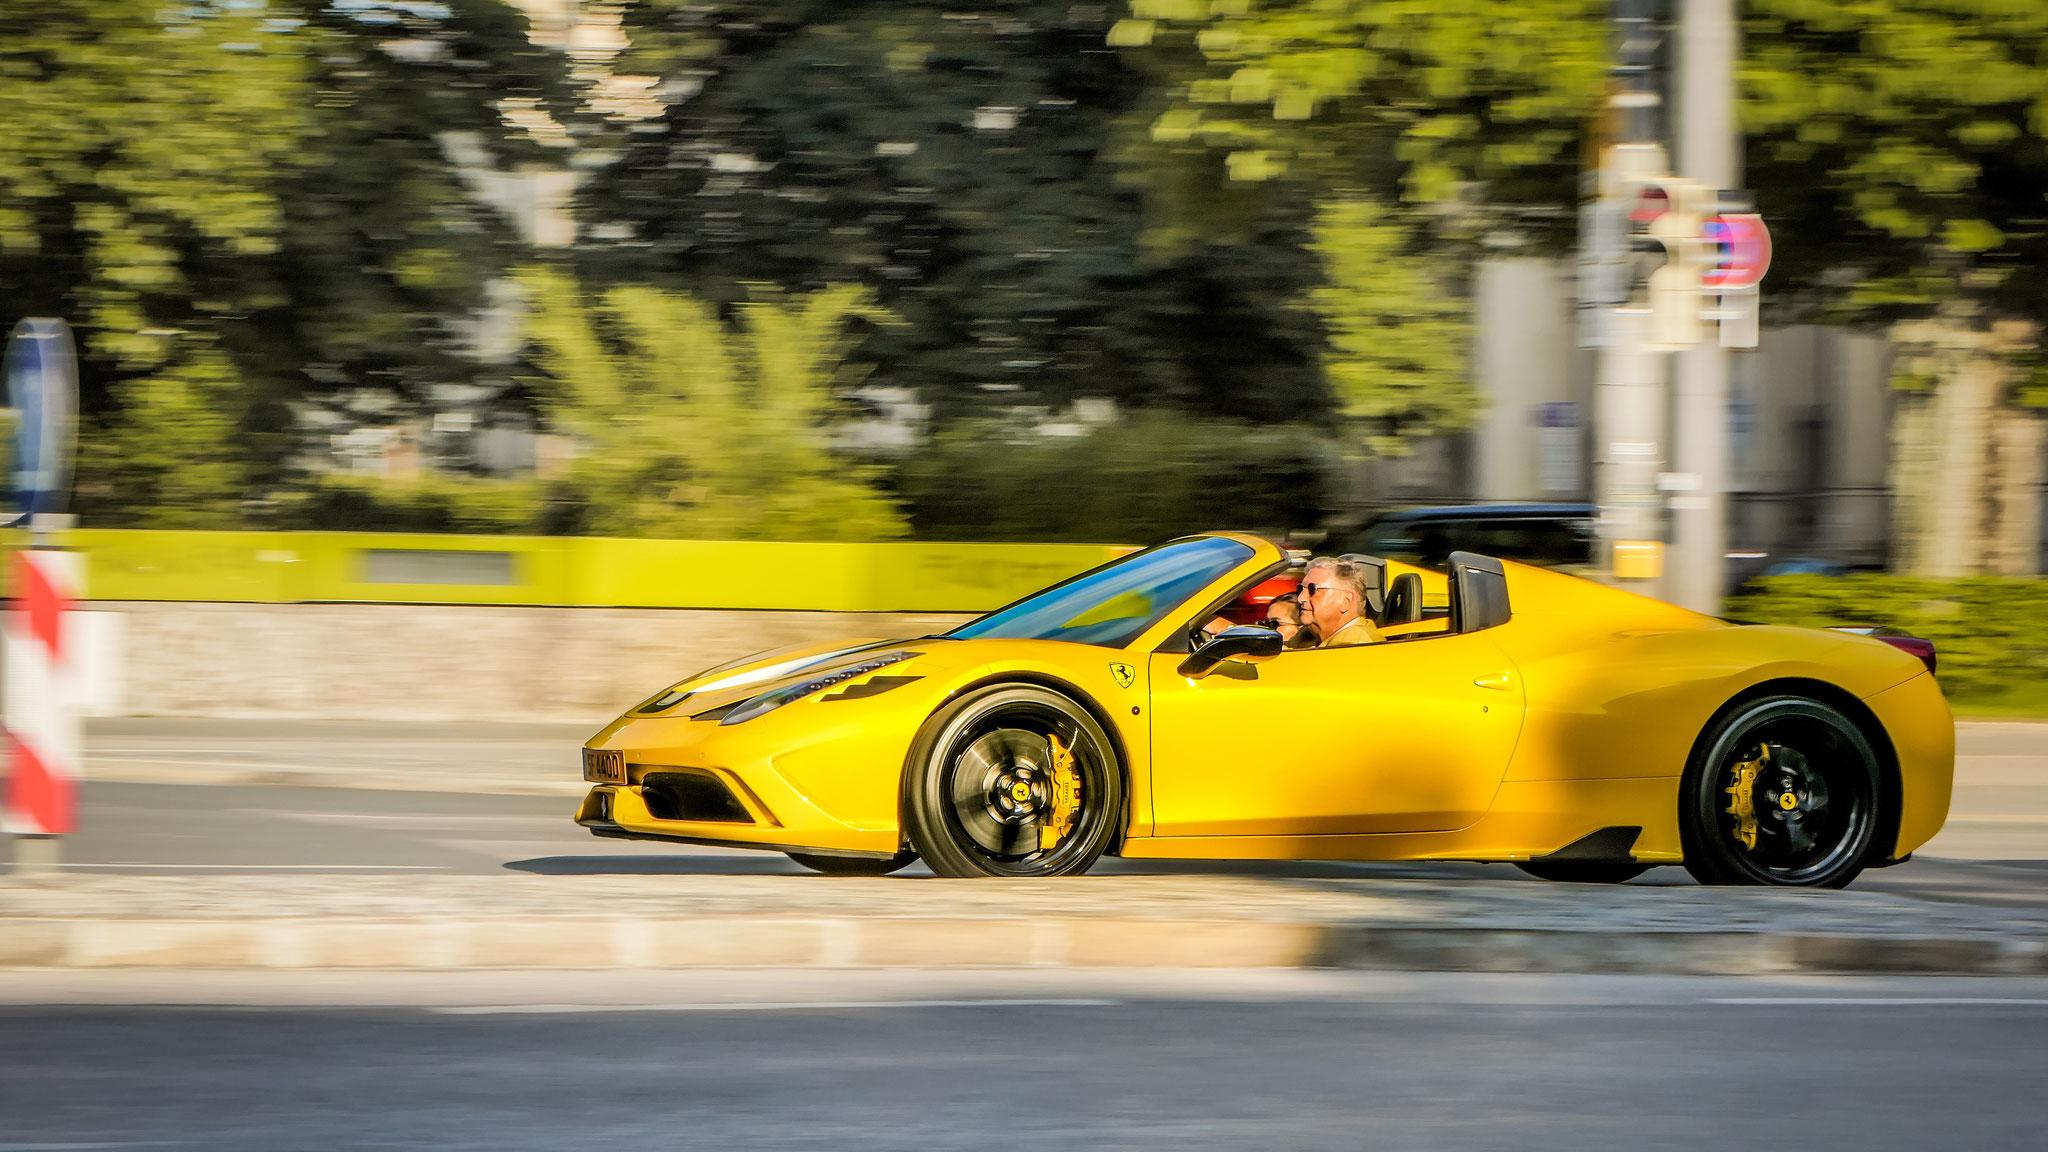 Ferrari 458 Speciale Aperta - SF-4400 (LUX)